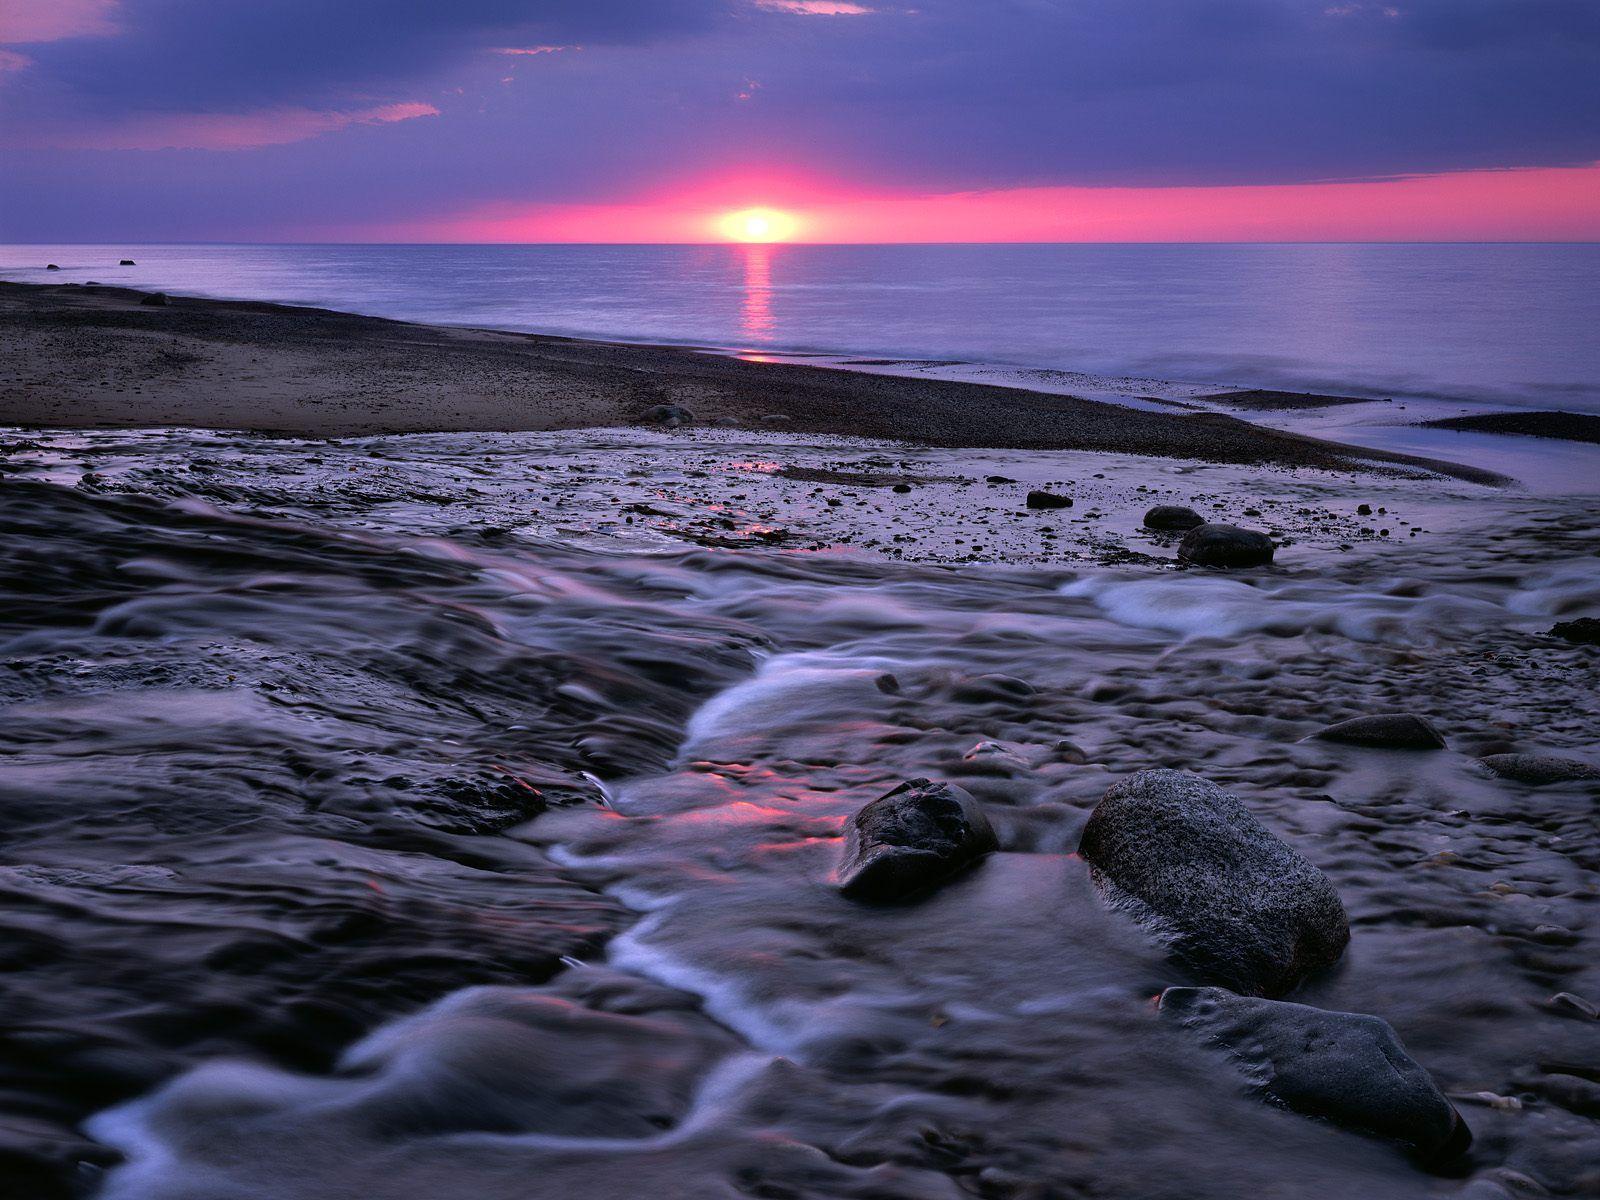 http://4.bp.blogspot.com/-94IijpdalMU/Ti66pbtm54I/AAAAAAAANBs/WReK4OgbUvE/s1600/beautiful+sunset+wallpaper-1.jpg